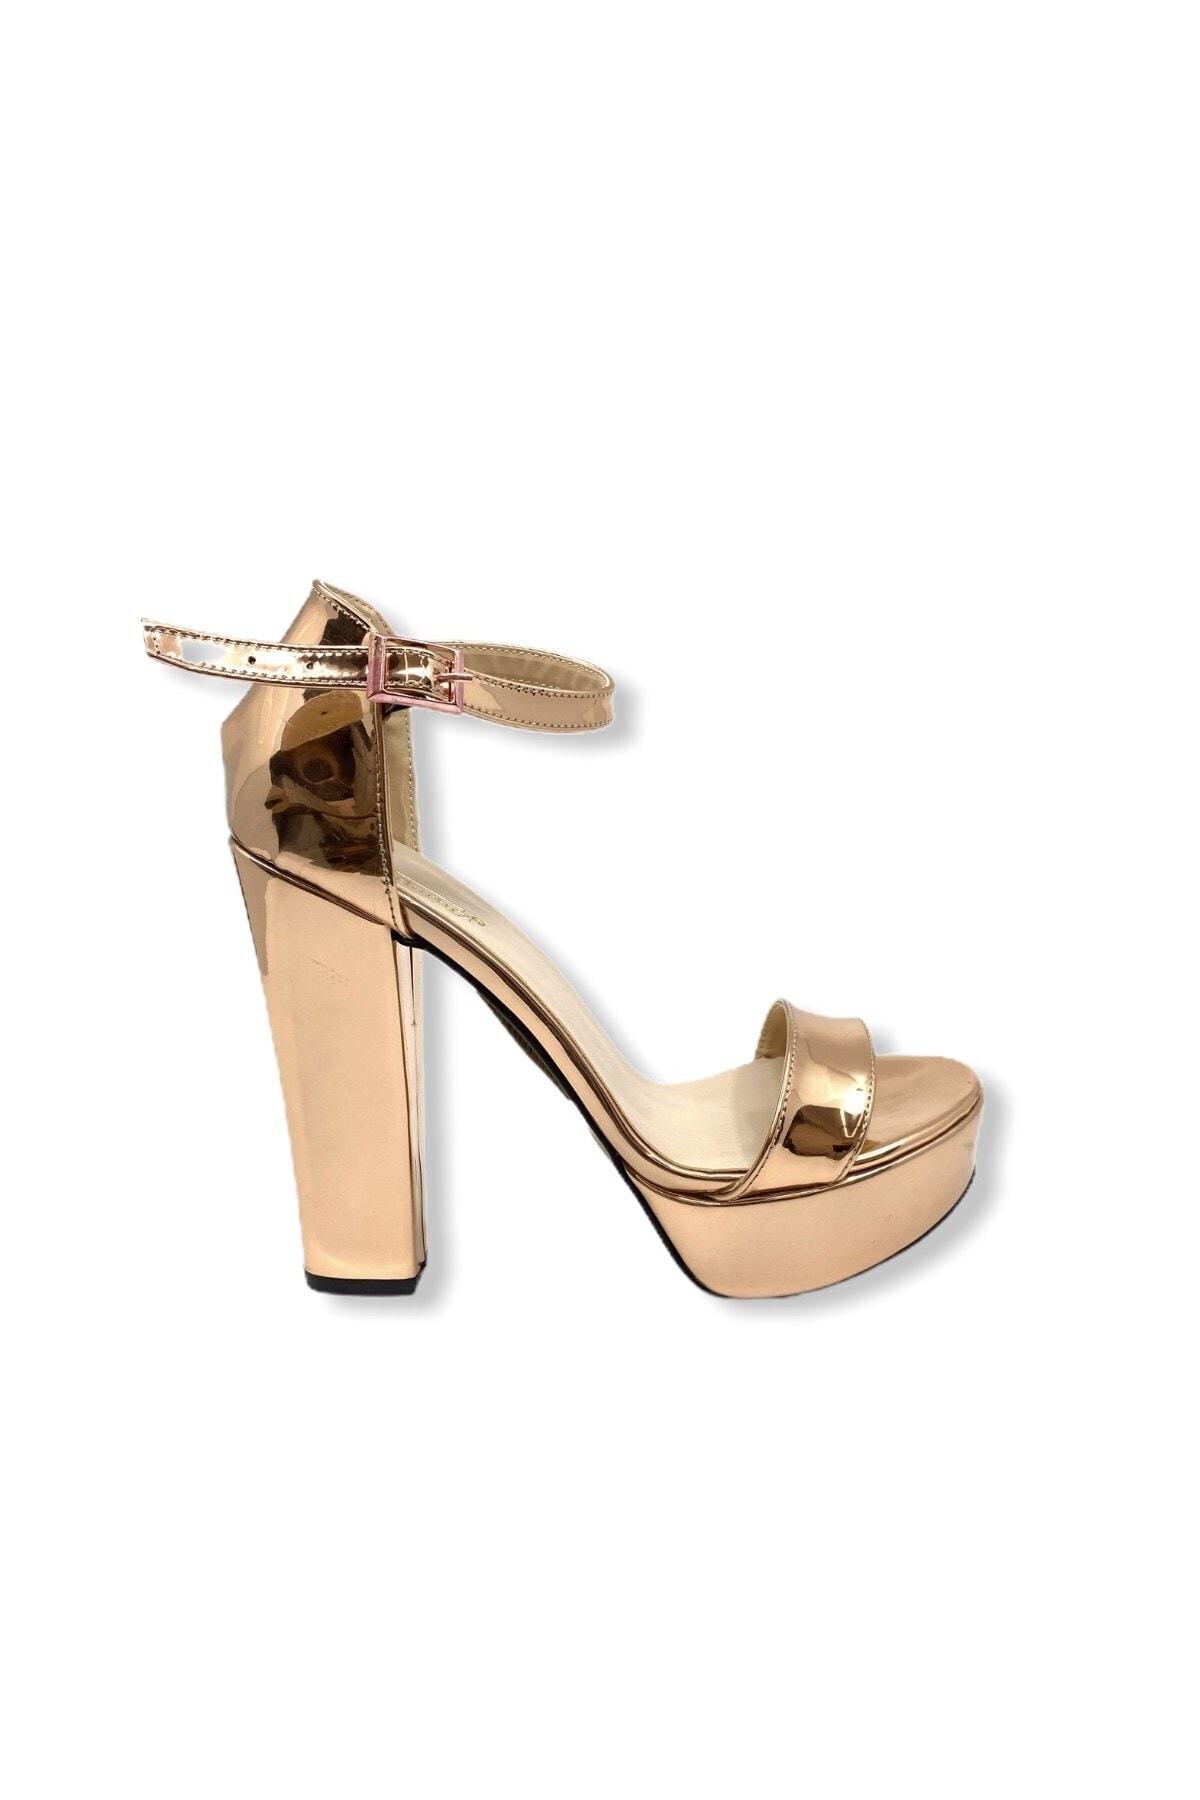 Stil Durağı Kadın Pembe Topuk Boyu Platform Taban Tek Bant Ayakkabı 14 cm